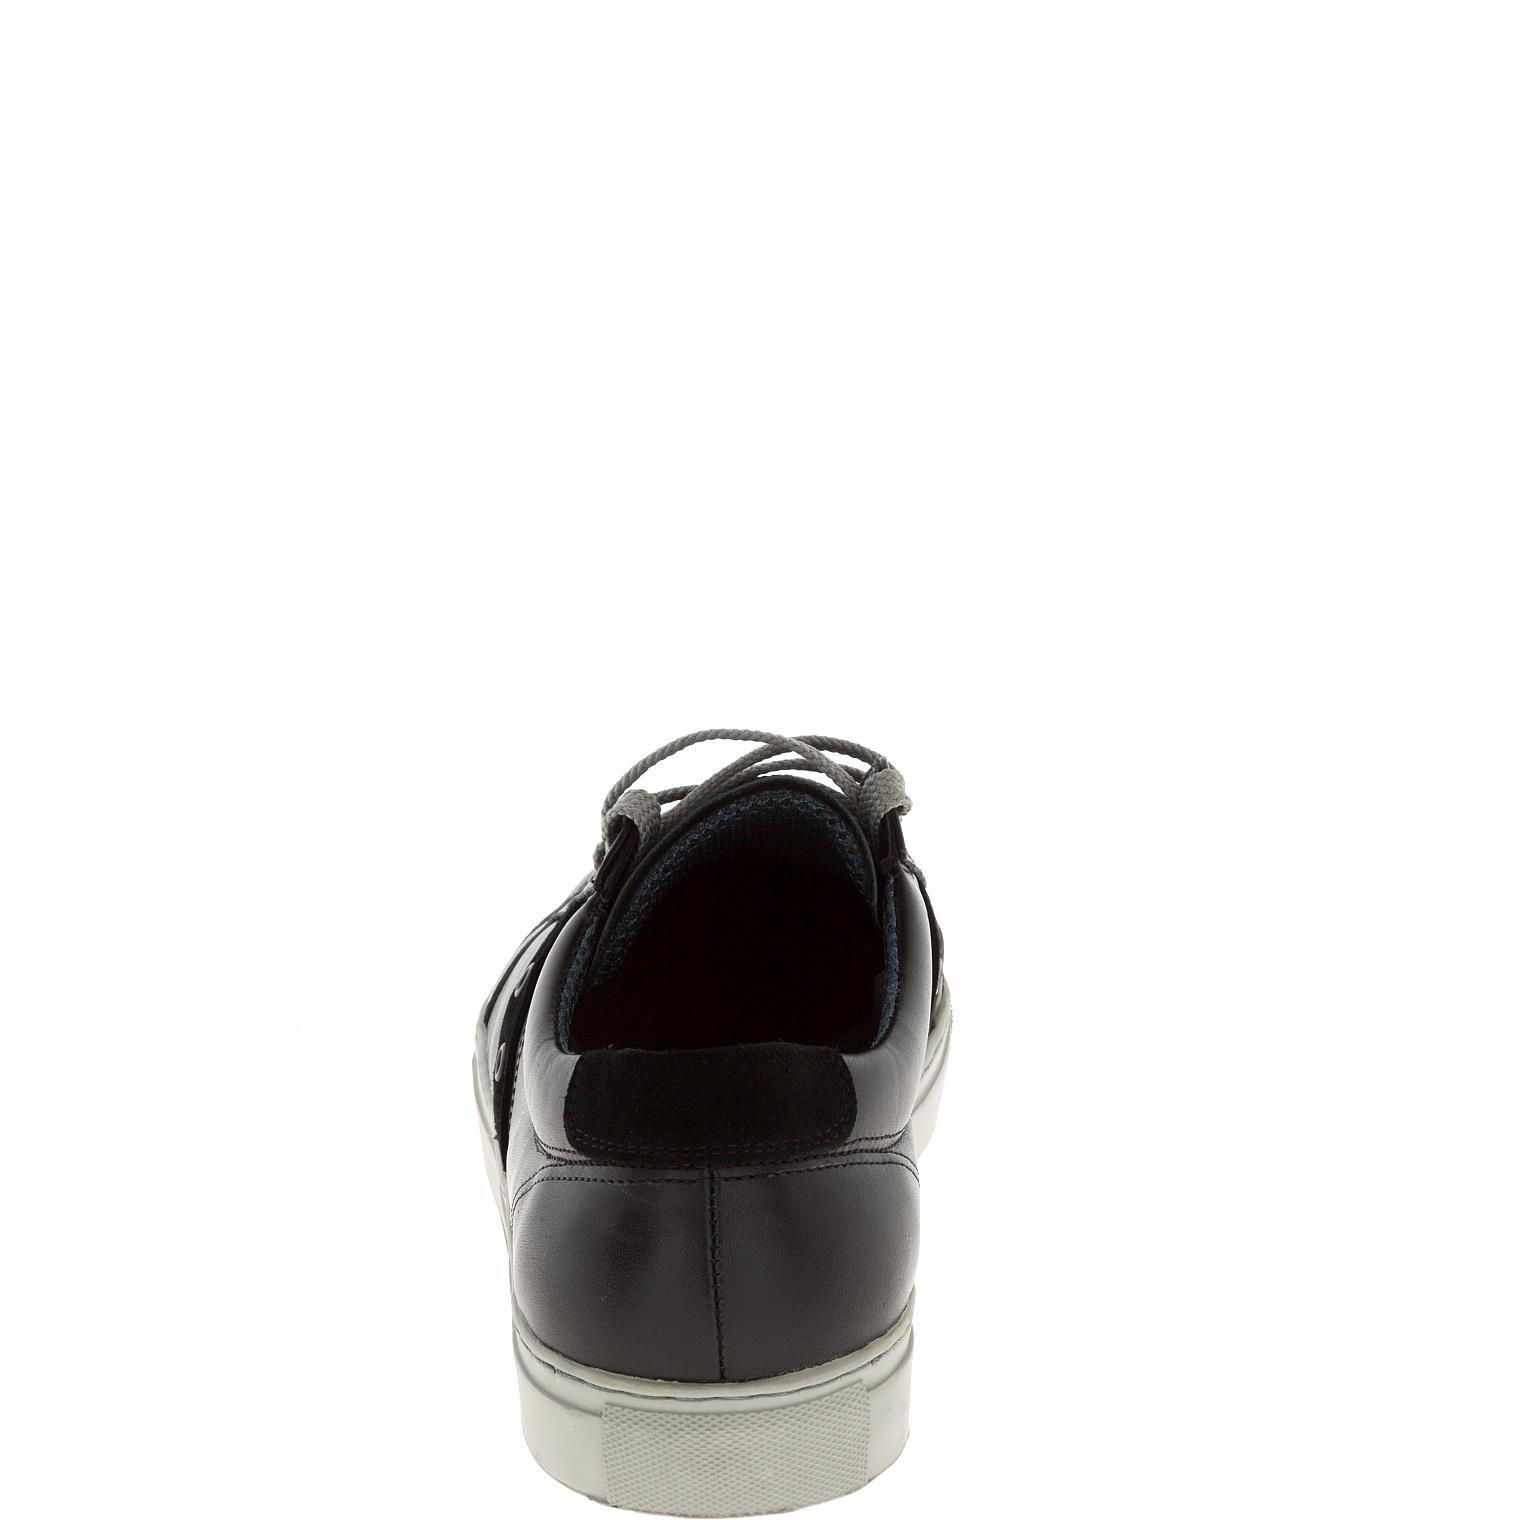 547308 полуботинки мужские черные (кеды) больших размеров марки Делфино